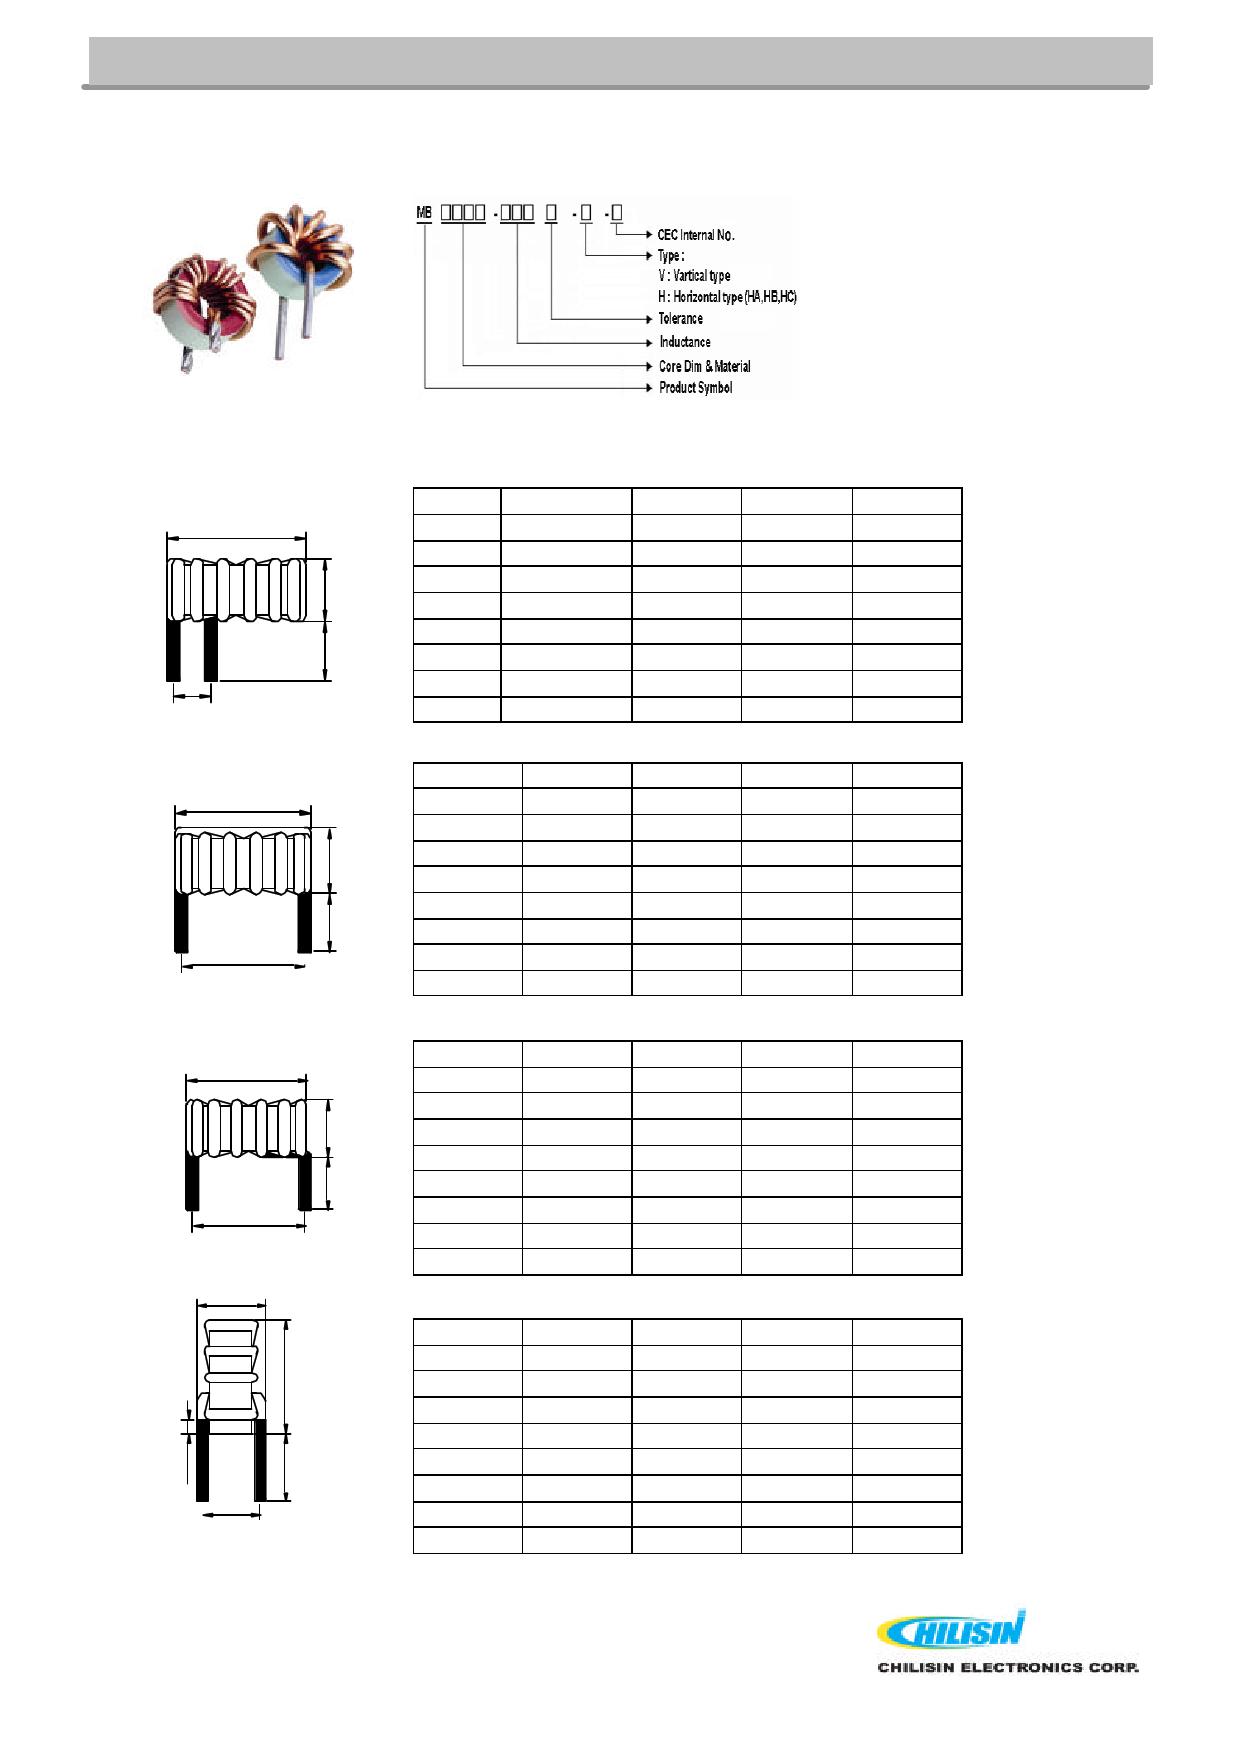 MB5052B 데이터시트 및 MB5052B PDF